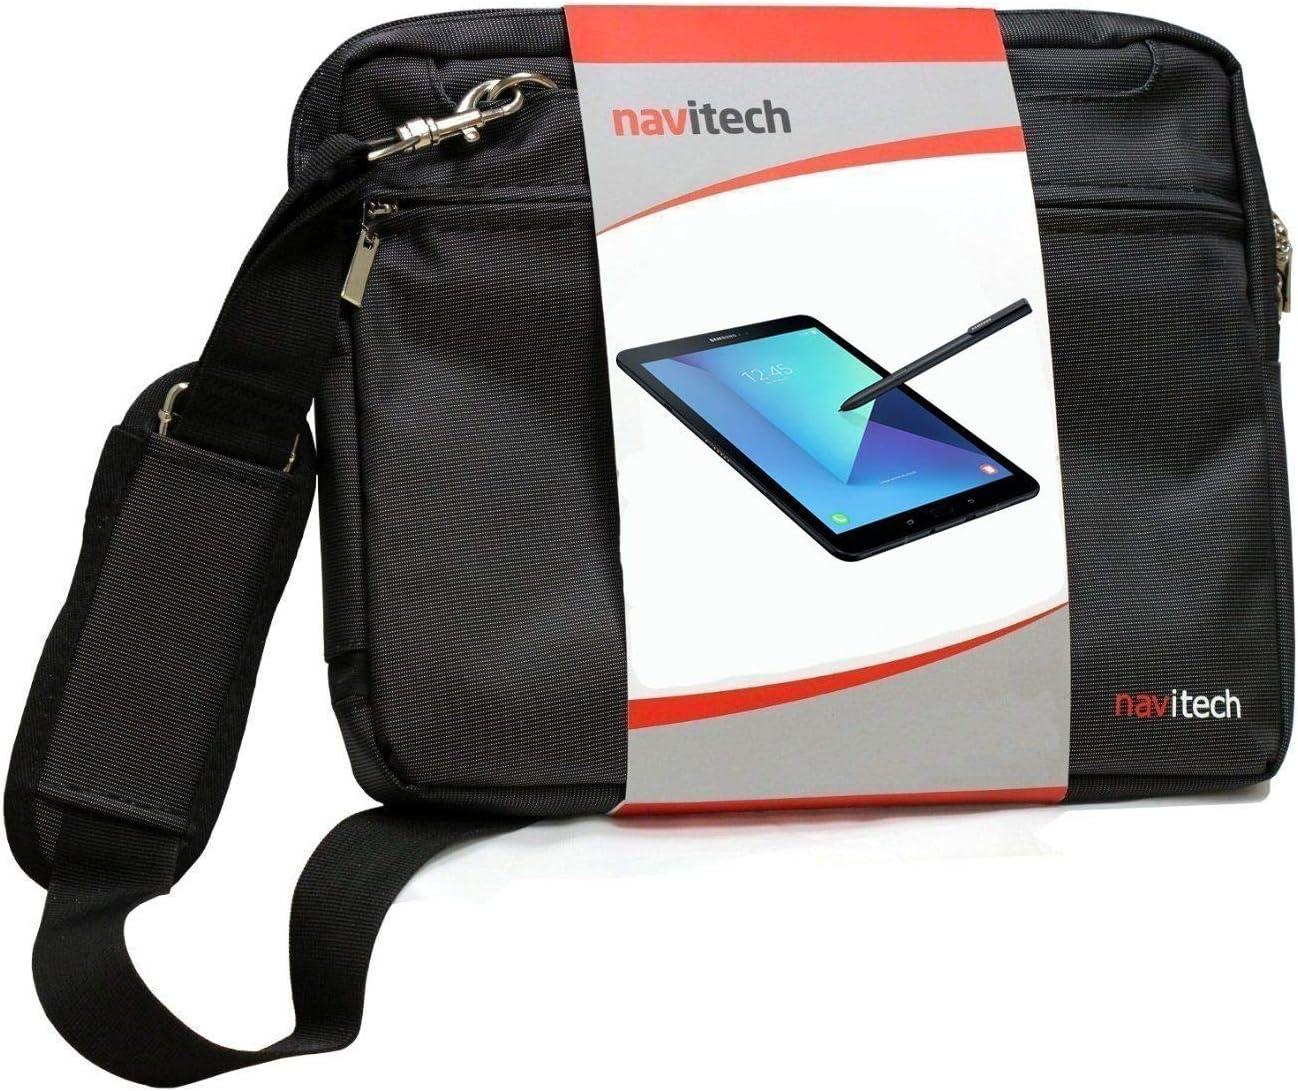 Navitech Black Sleek Premium Water Resistant Shock Absorbent Carry Bag Case Compatible with The LG G Pad F 8.0 | LG G Pad V495 | LG G Pad X 8.0 V520 | LG GPad X2 8.0 Plus V530 | LG G Pad V400